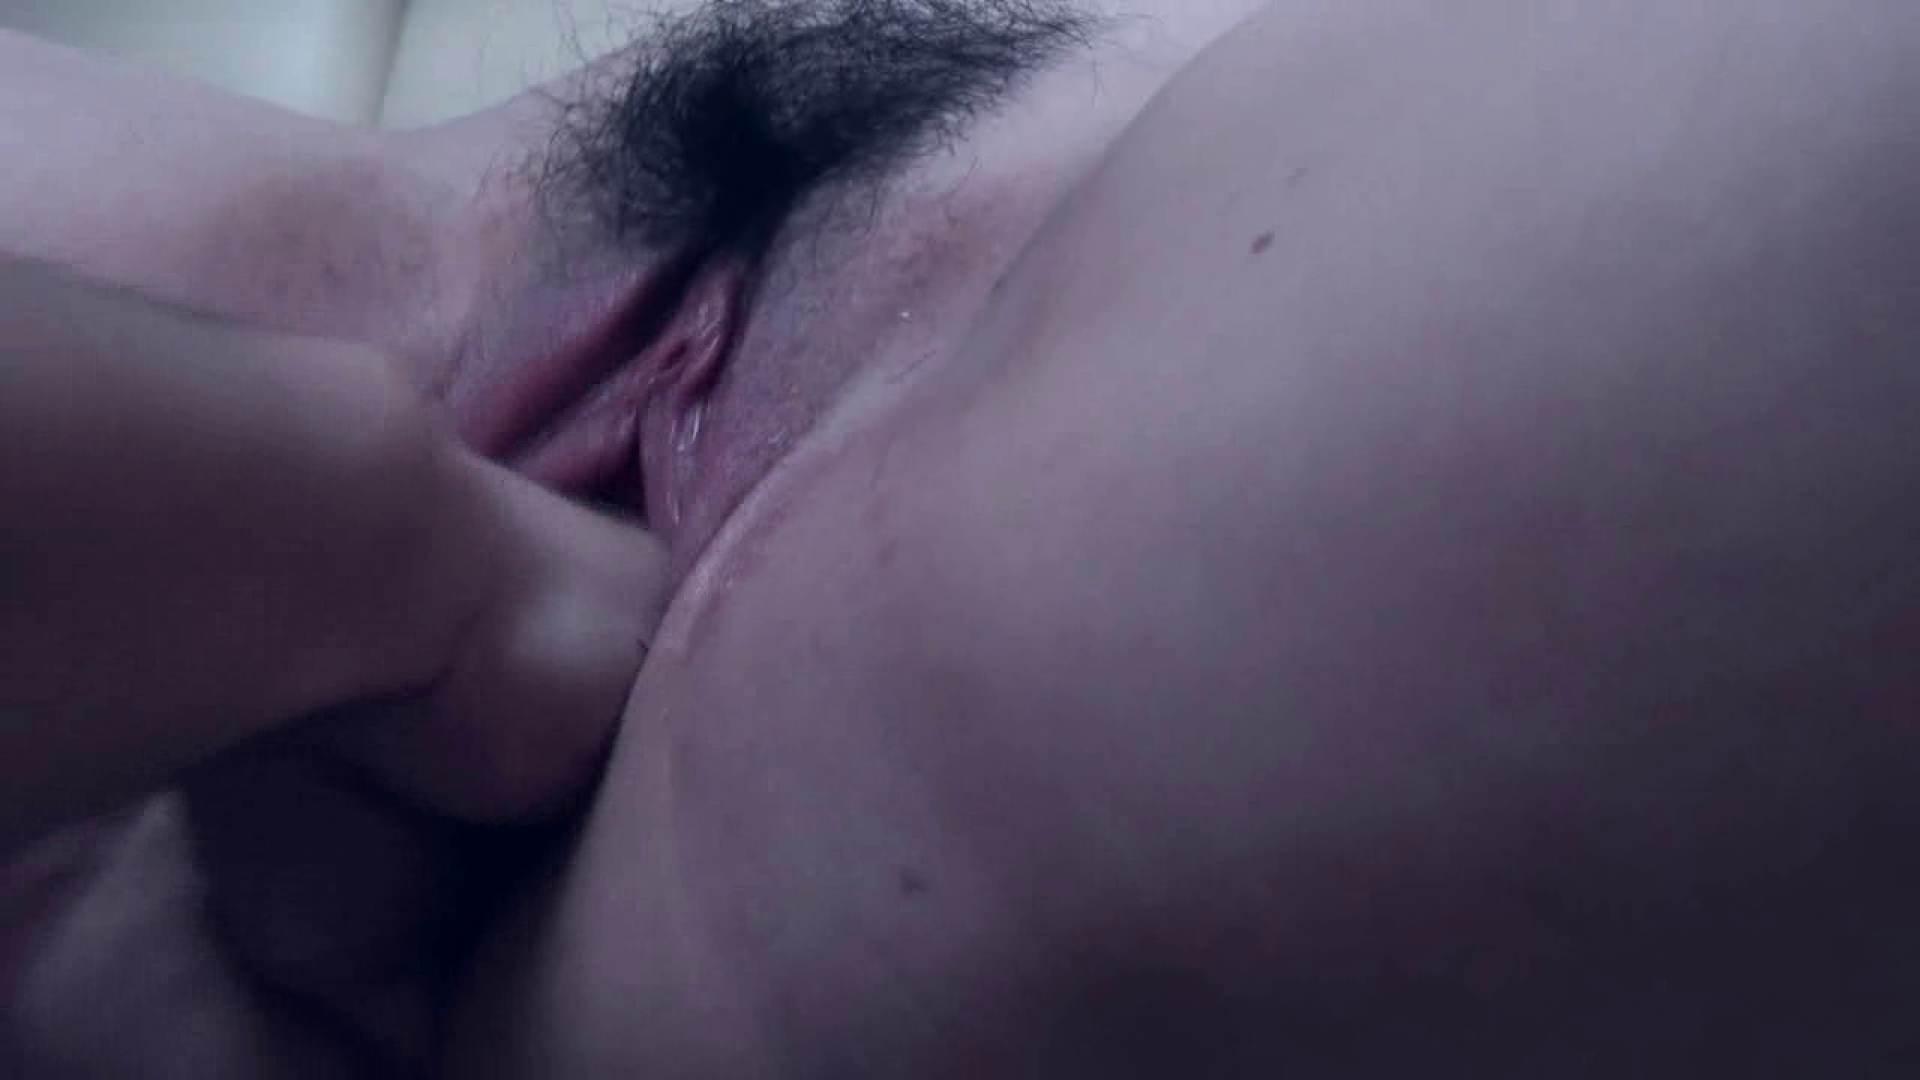 泥酔同級生セックスフレンドさゆりVol.3 OLの実態 盗み撮りSEX無修正画像 98pic 70